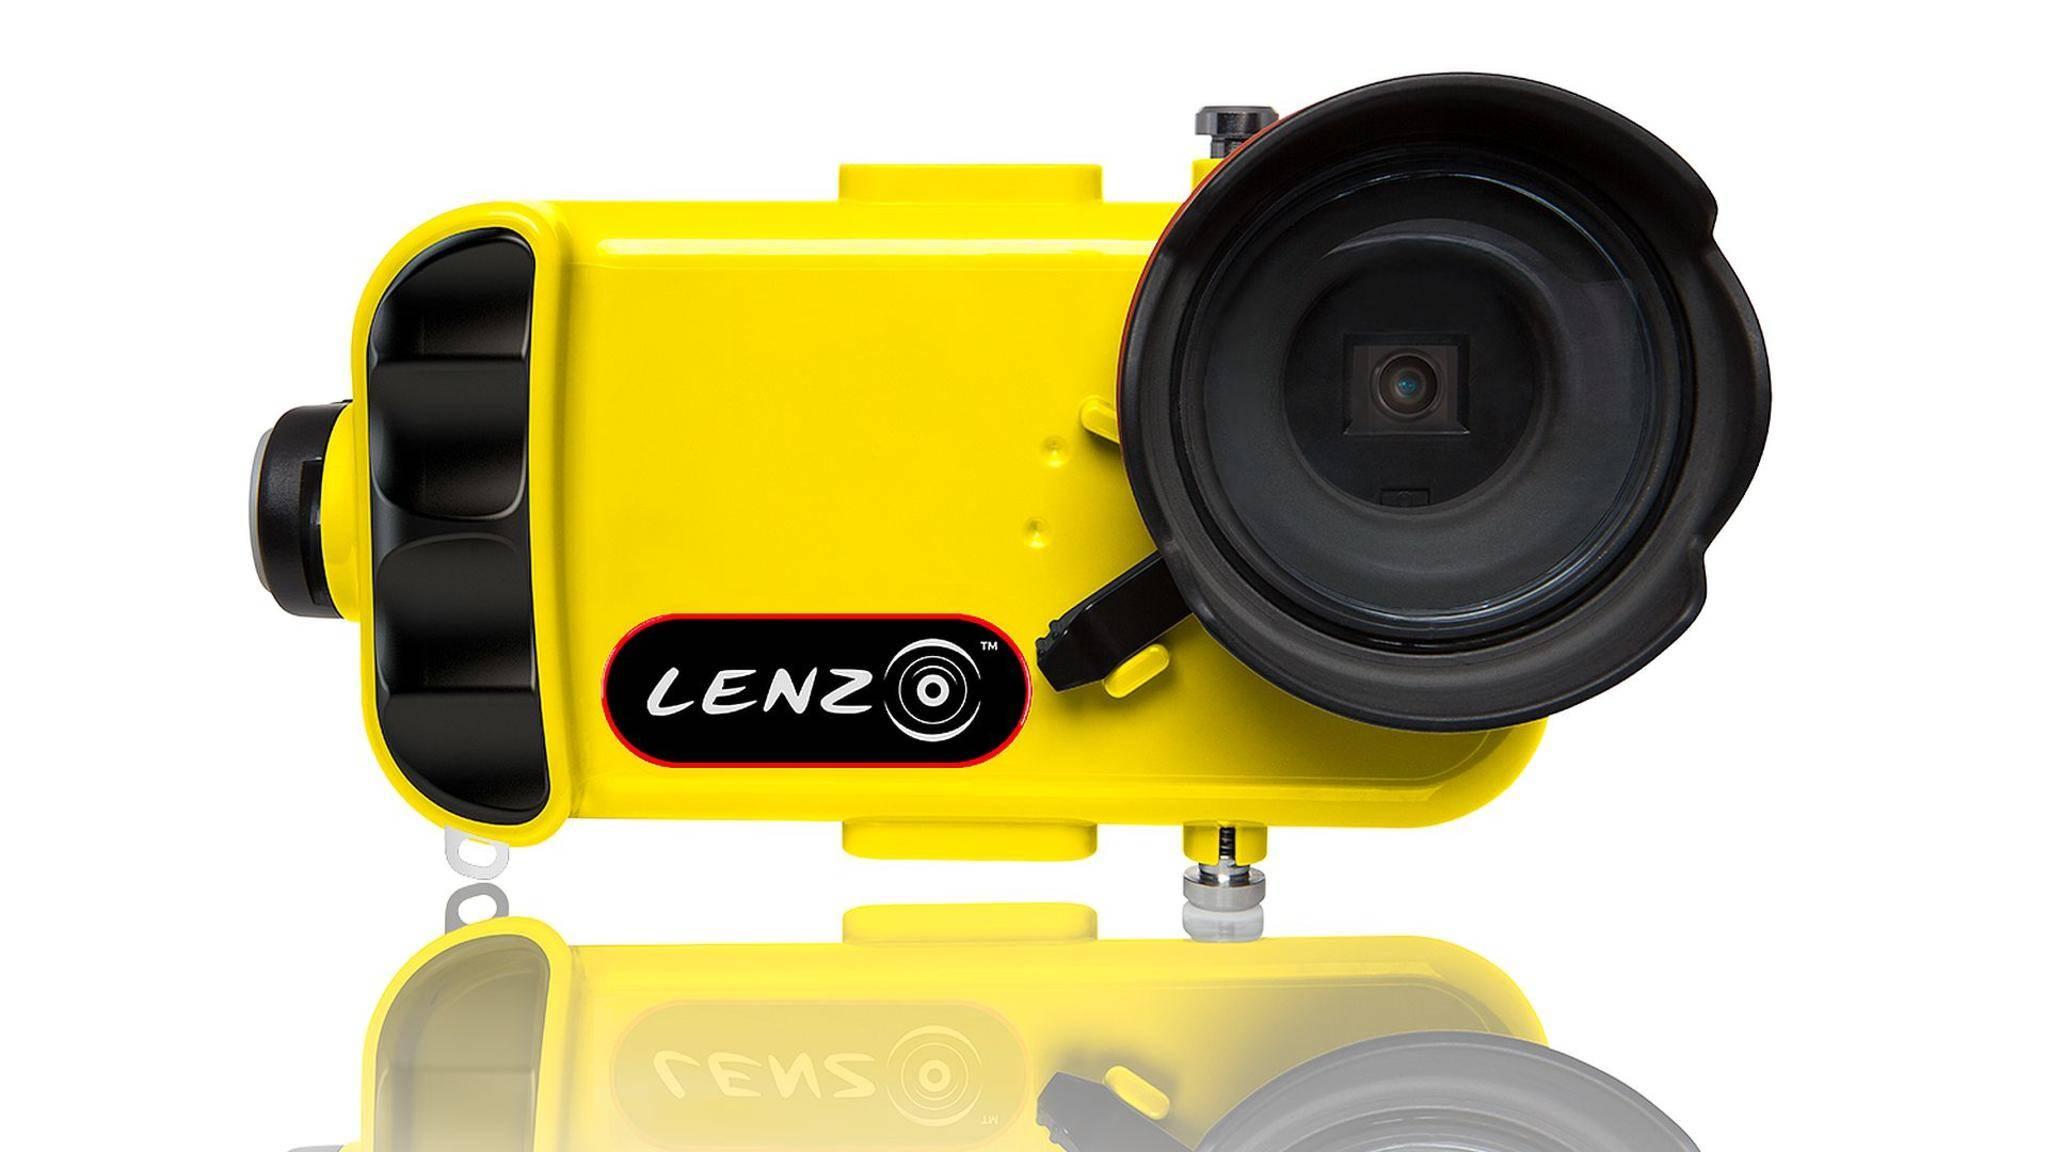 Unterwasserkamera-Aufsatz LenzO von Valstech für das iPhone.